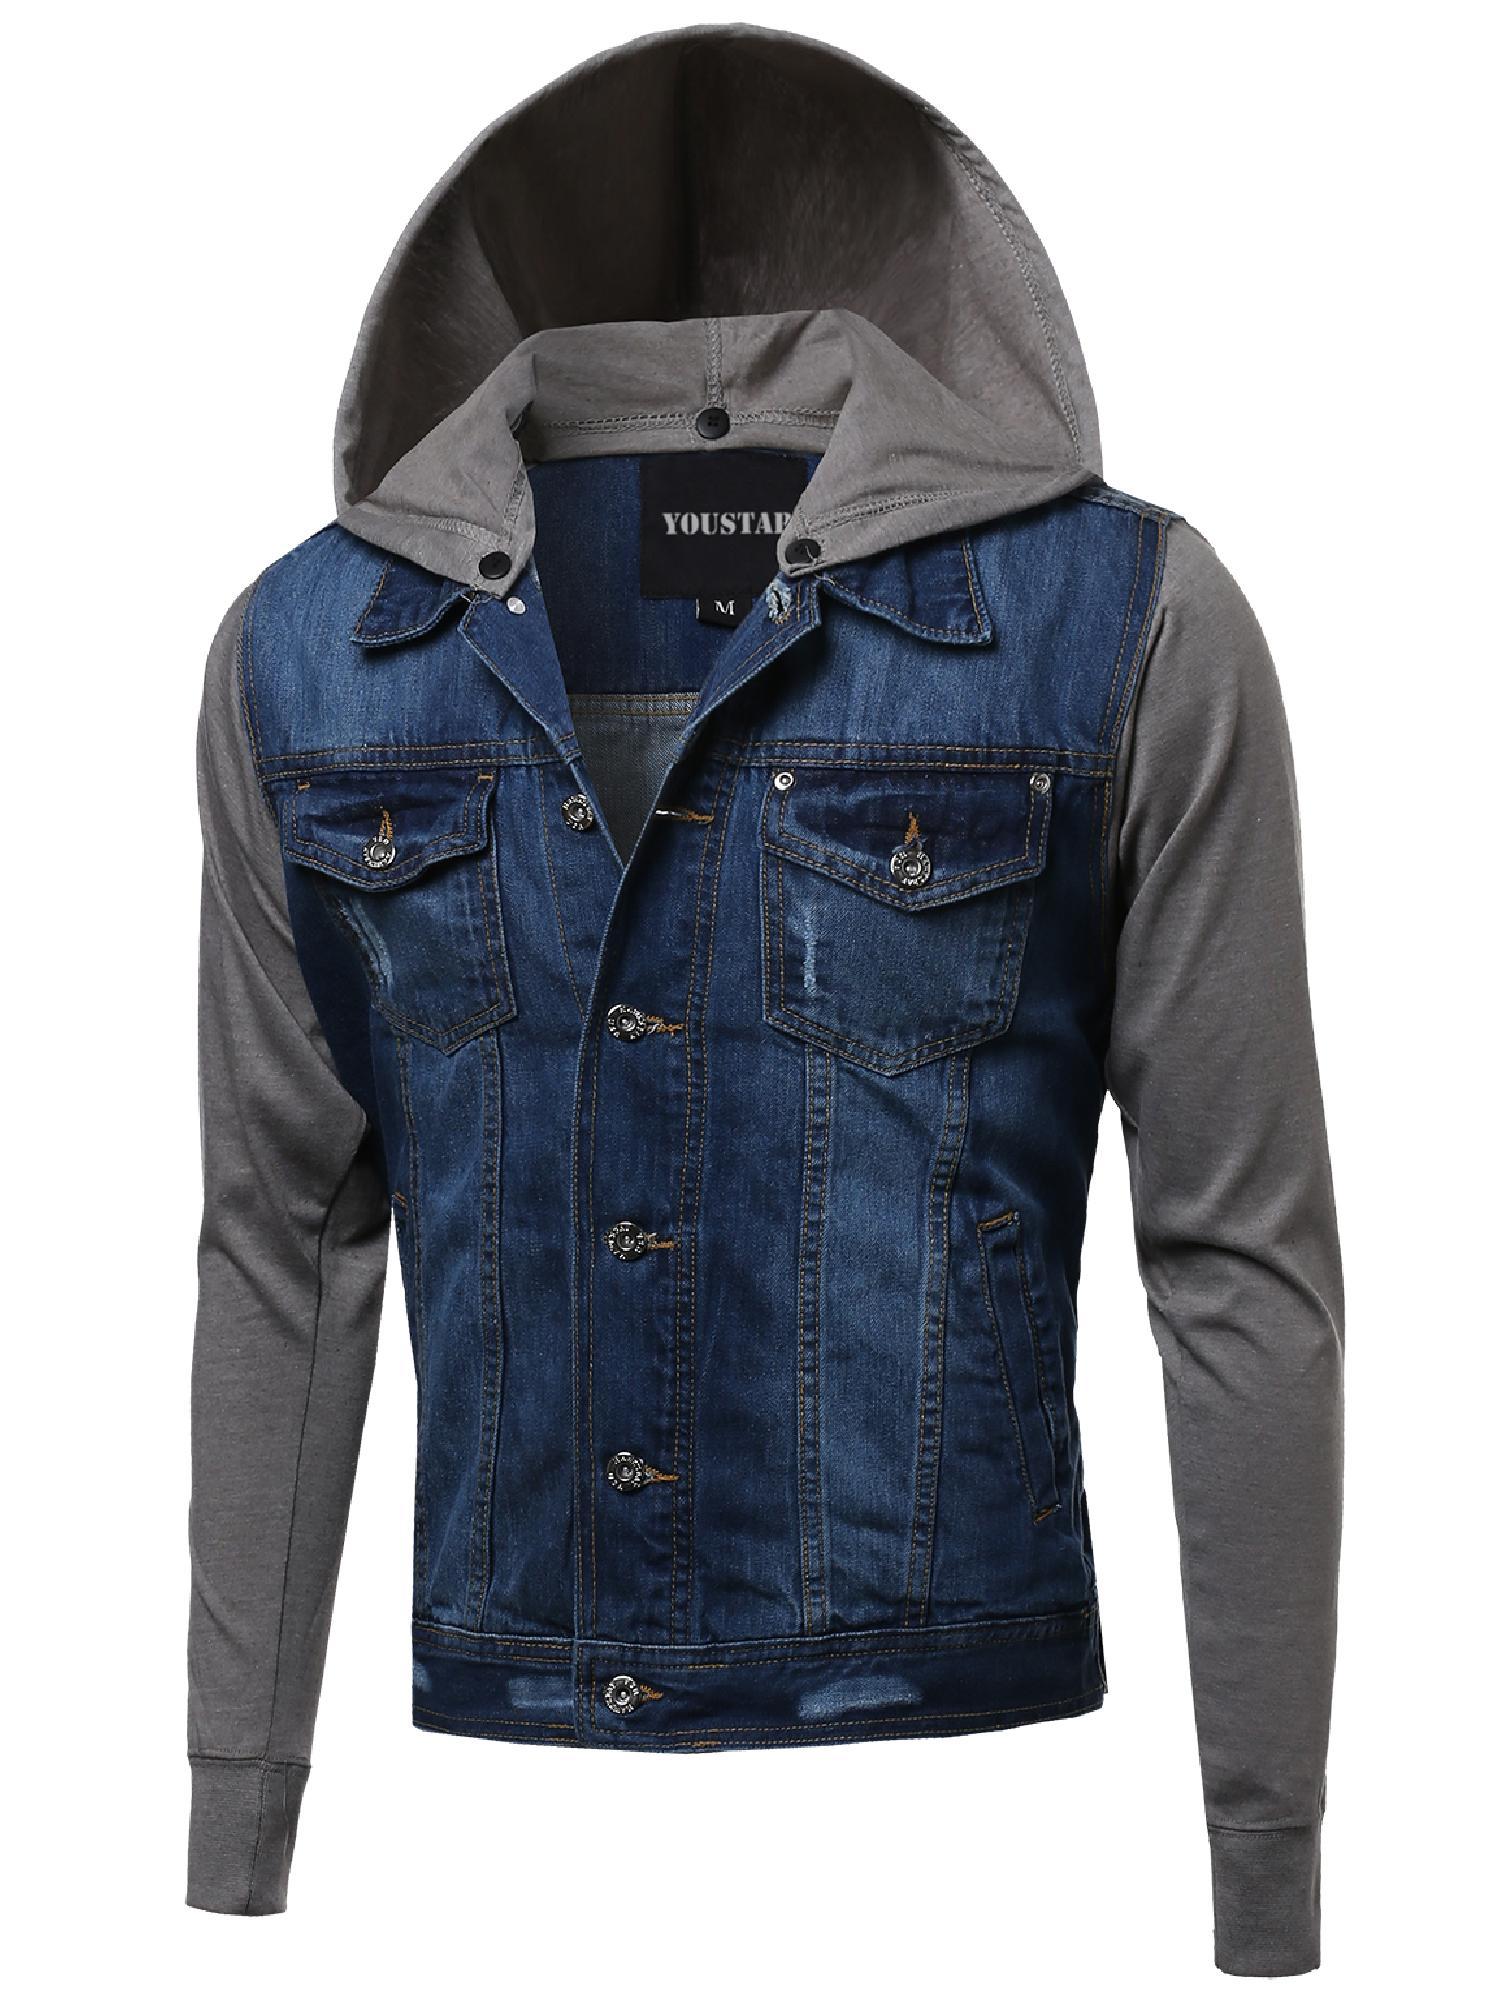 FashionOutfit Men's Stone Washed Denim Color Contrast Detachable Hoodie Jacket